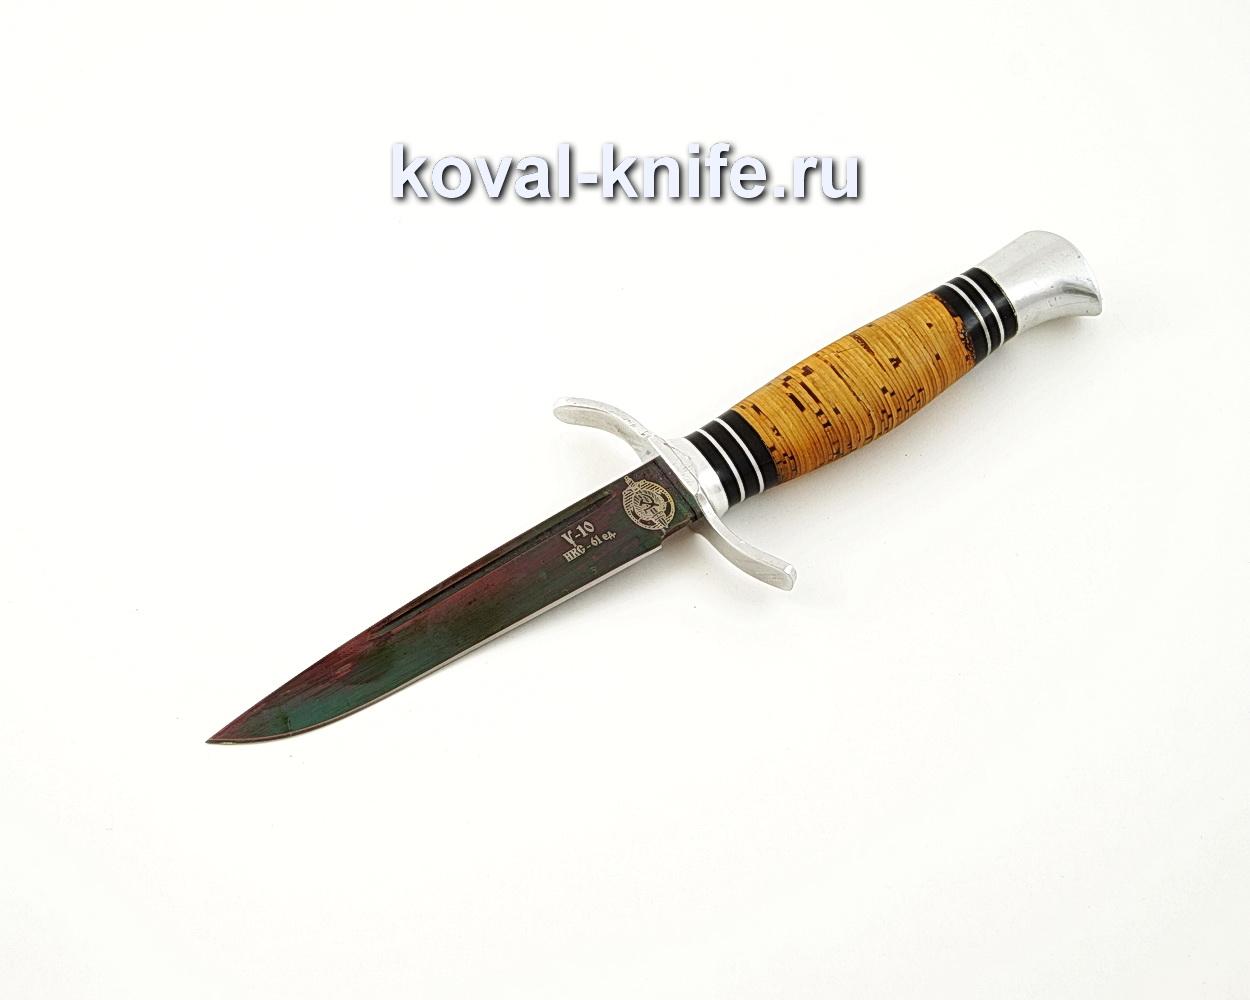 Нож Финка из углеродистой стали У10 с рукоятью из бересты A552